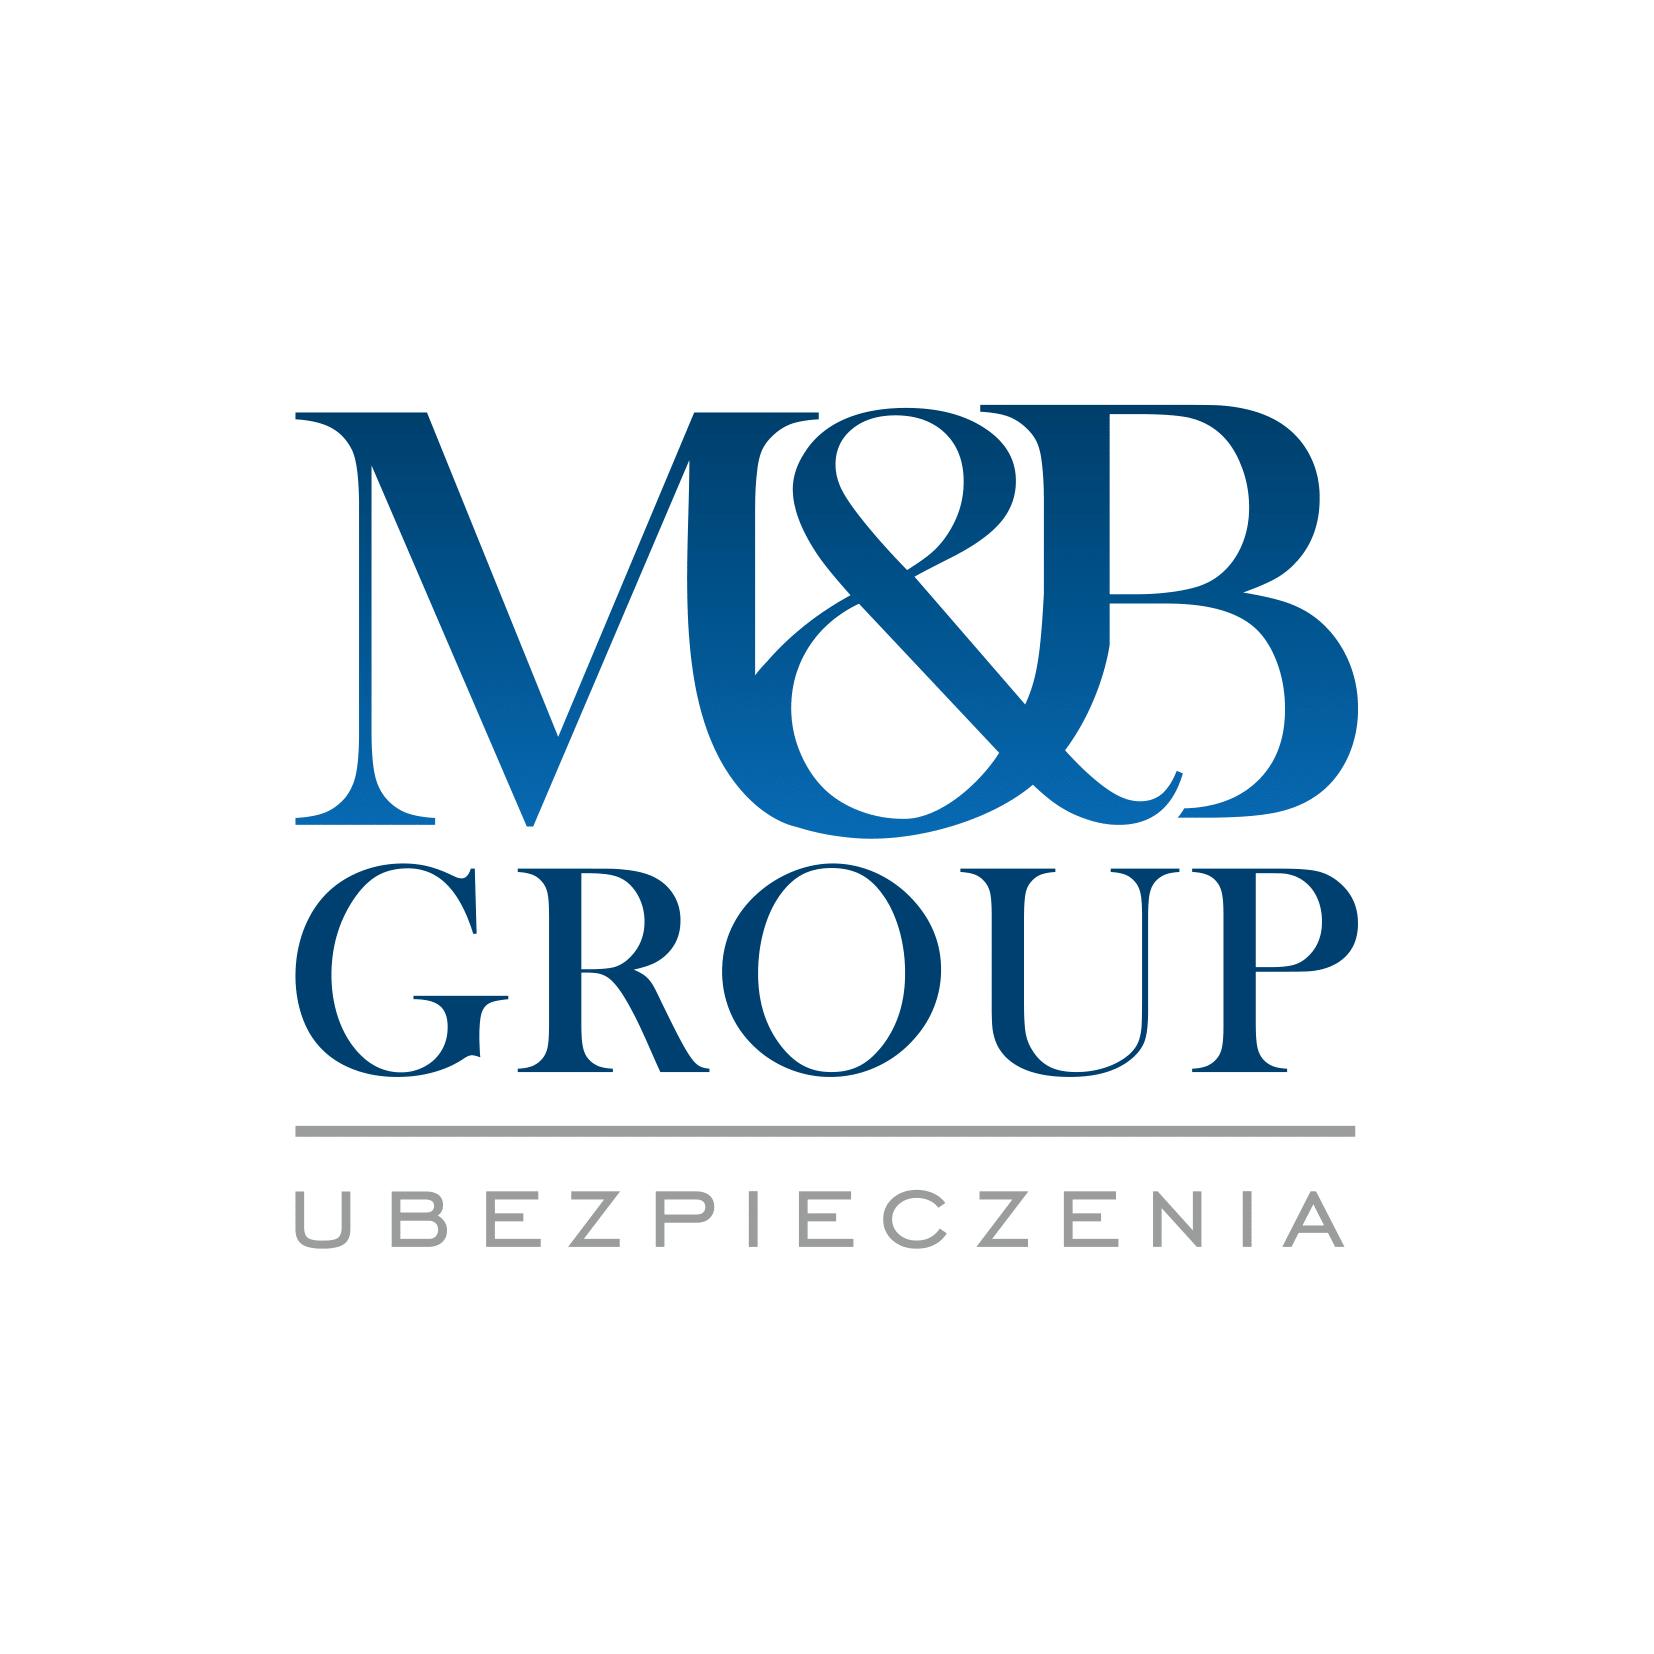 M&B Group Ubezpieczenia Logo